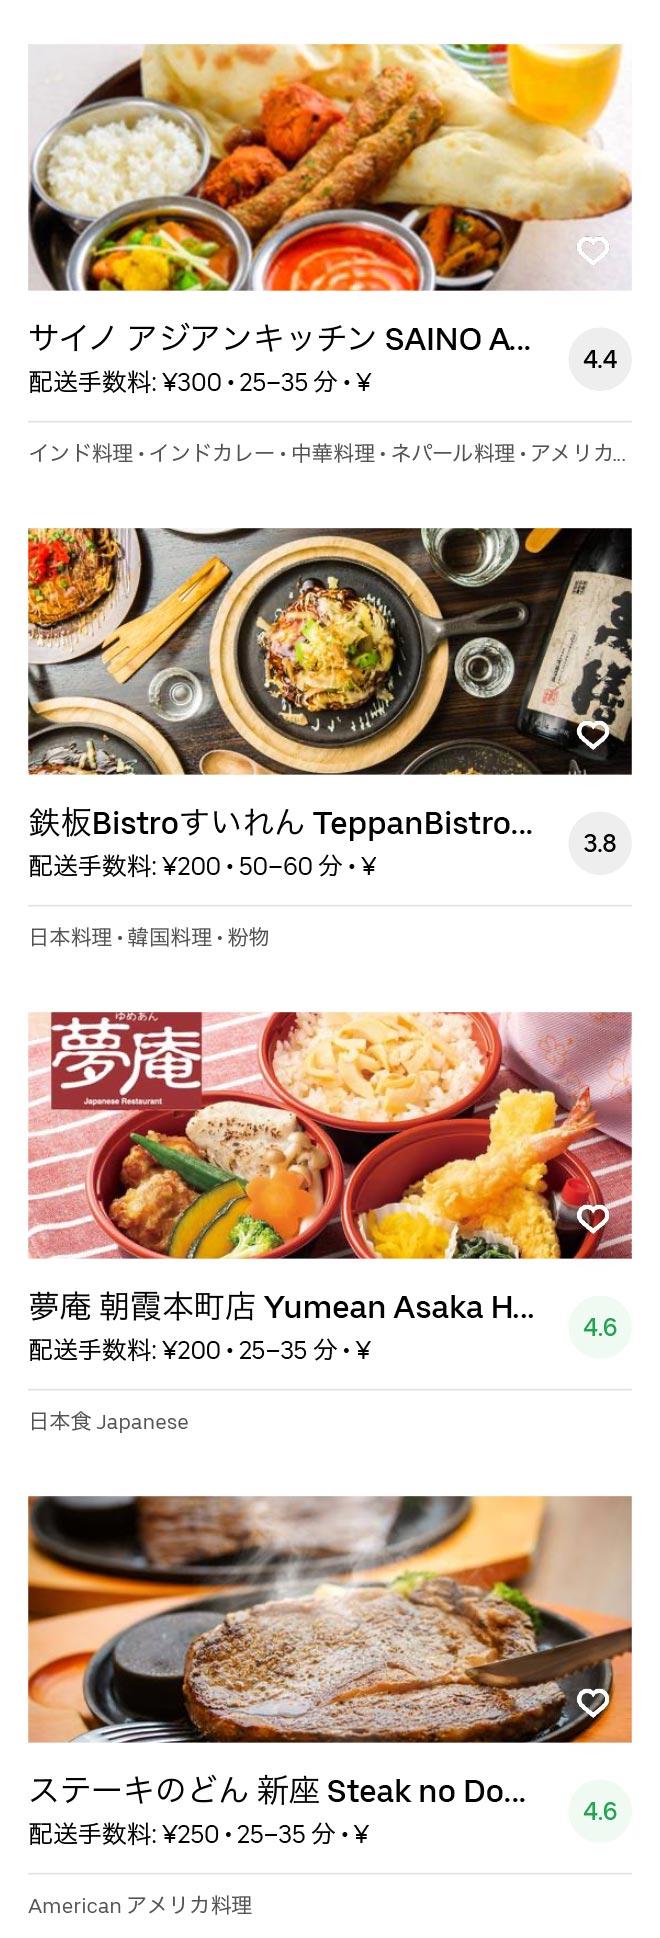 Saitama asaka menu 2004 09